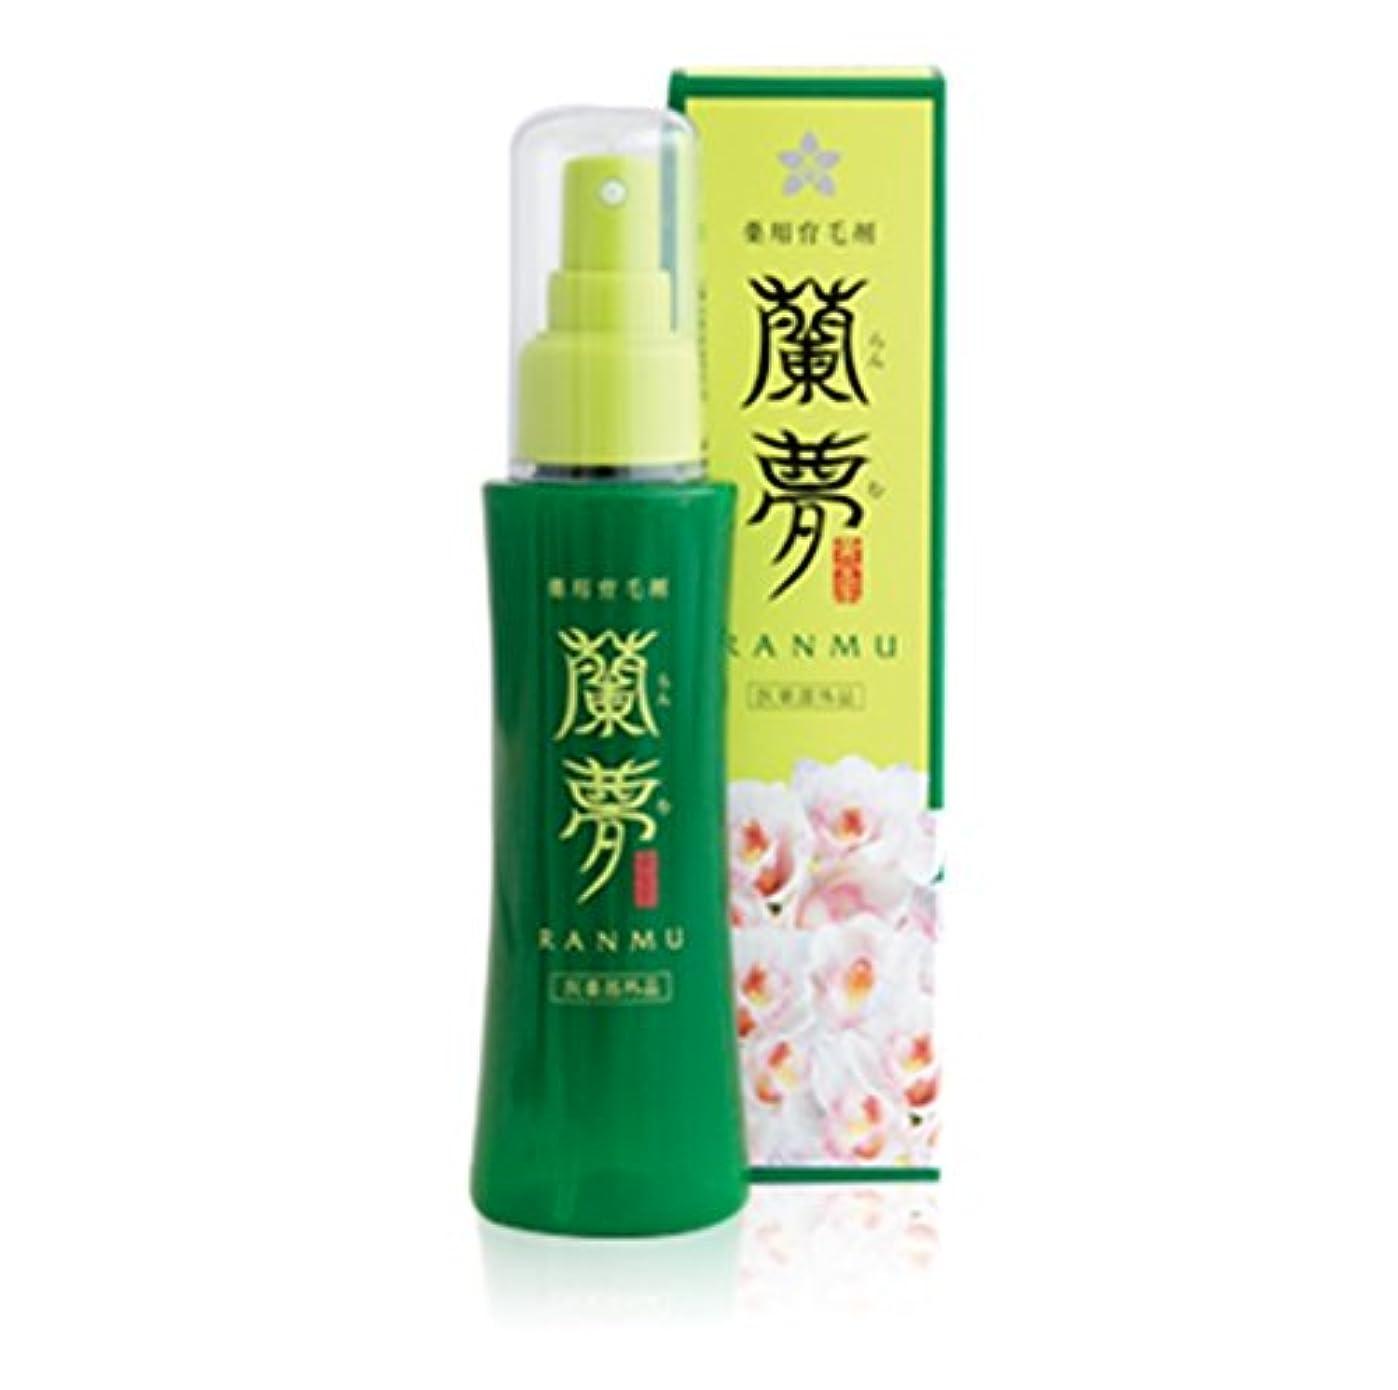 香り捧げる最大蘭夢(RANMU) 100ml